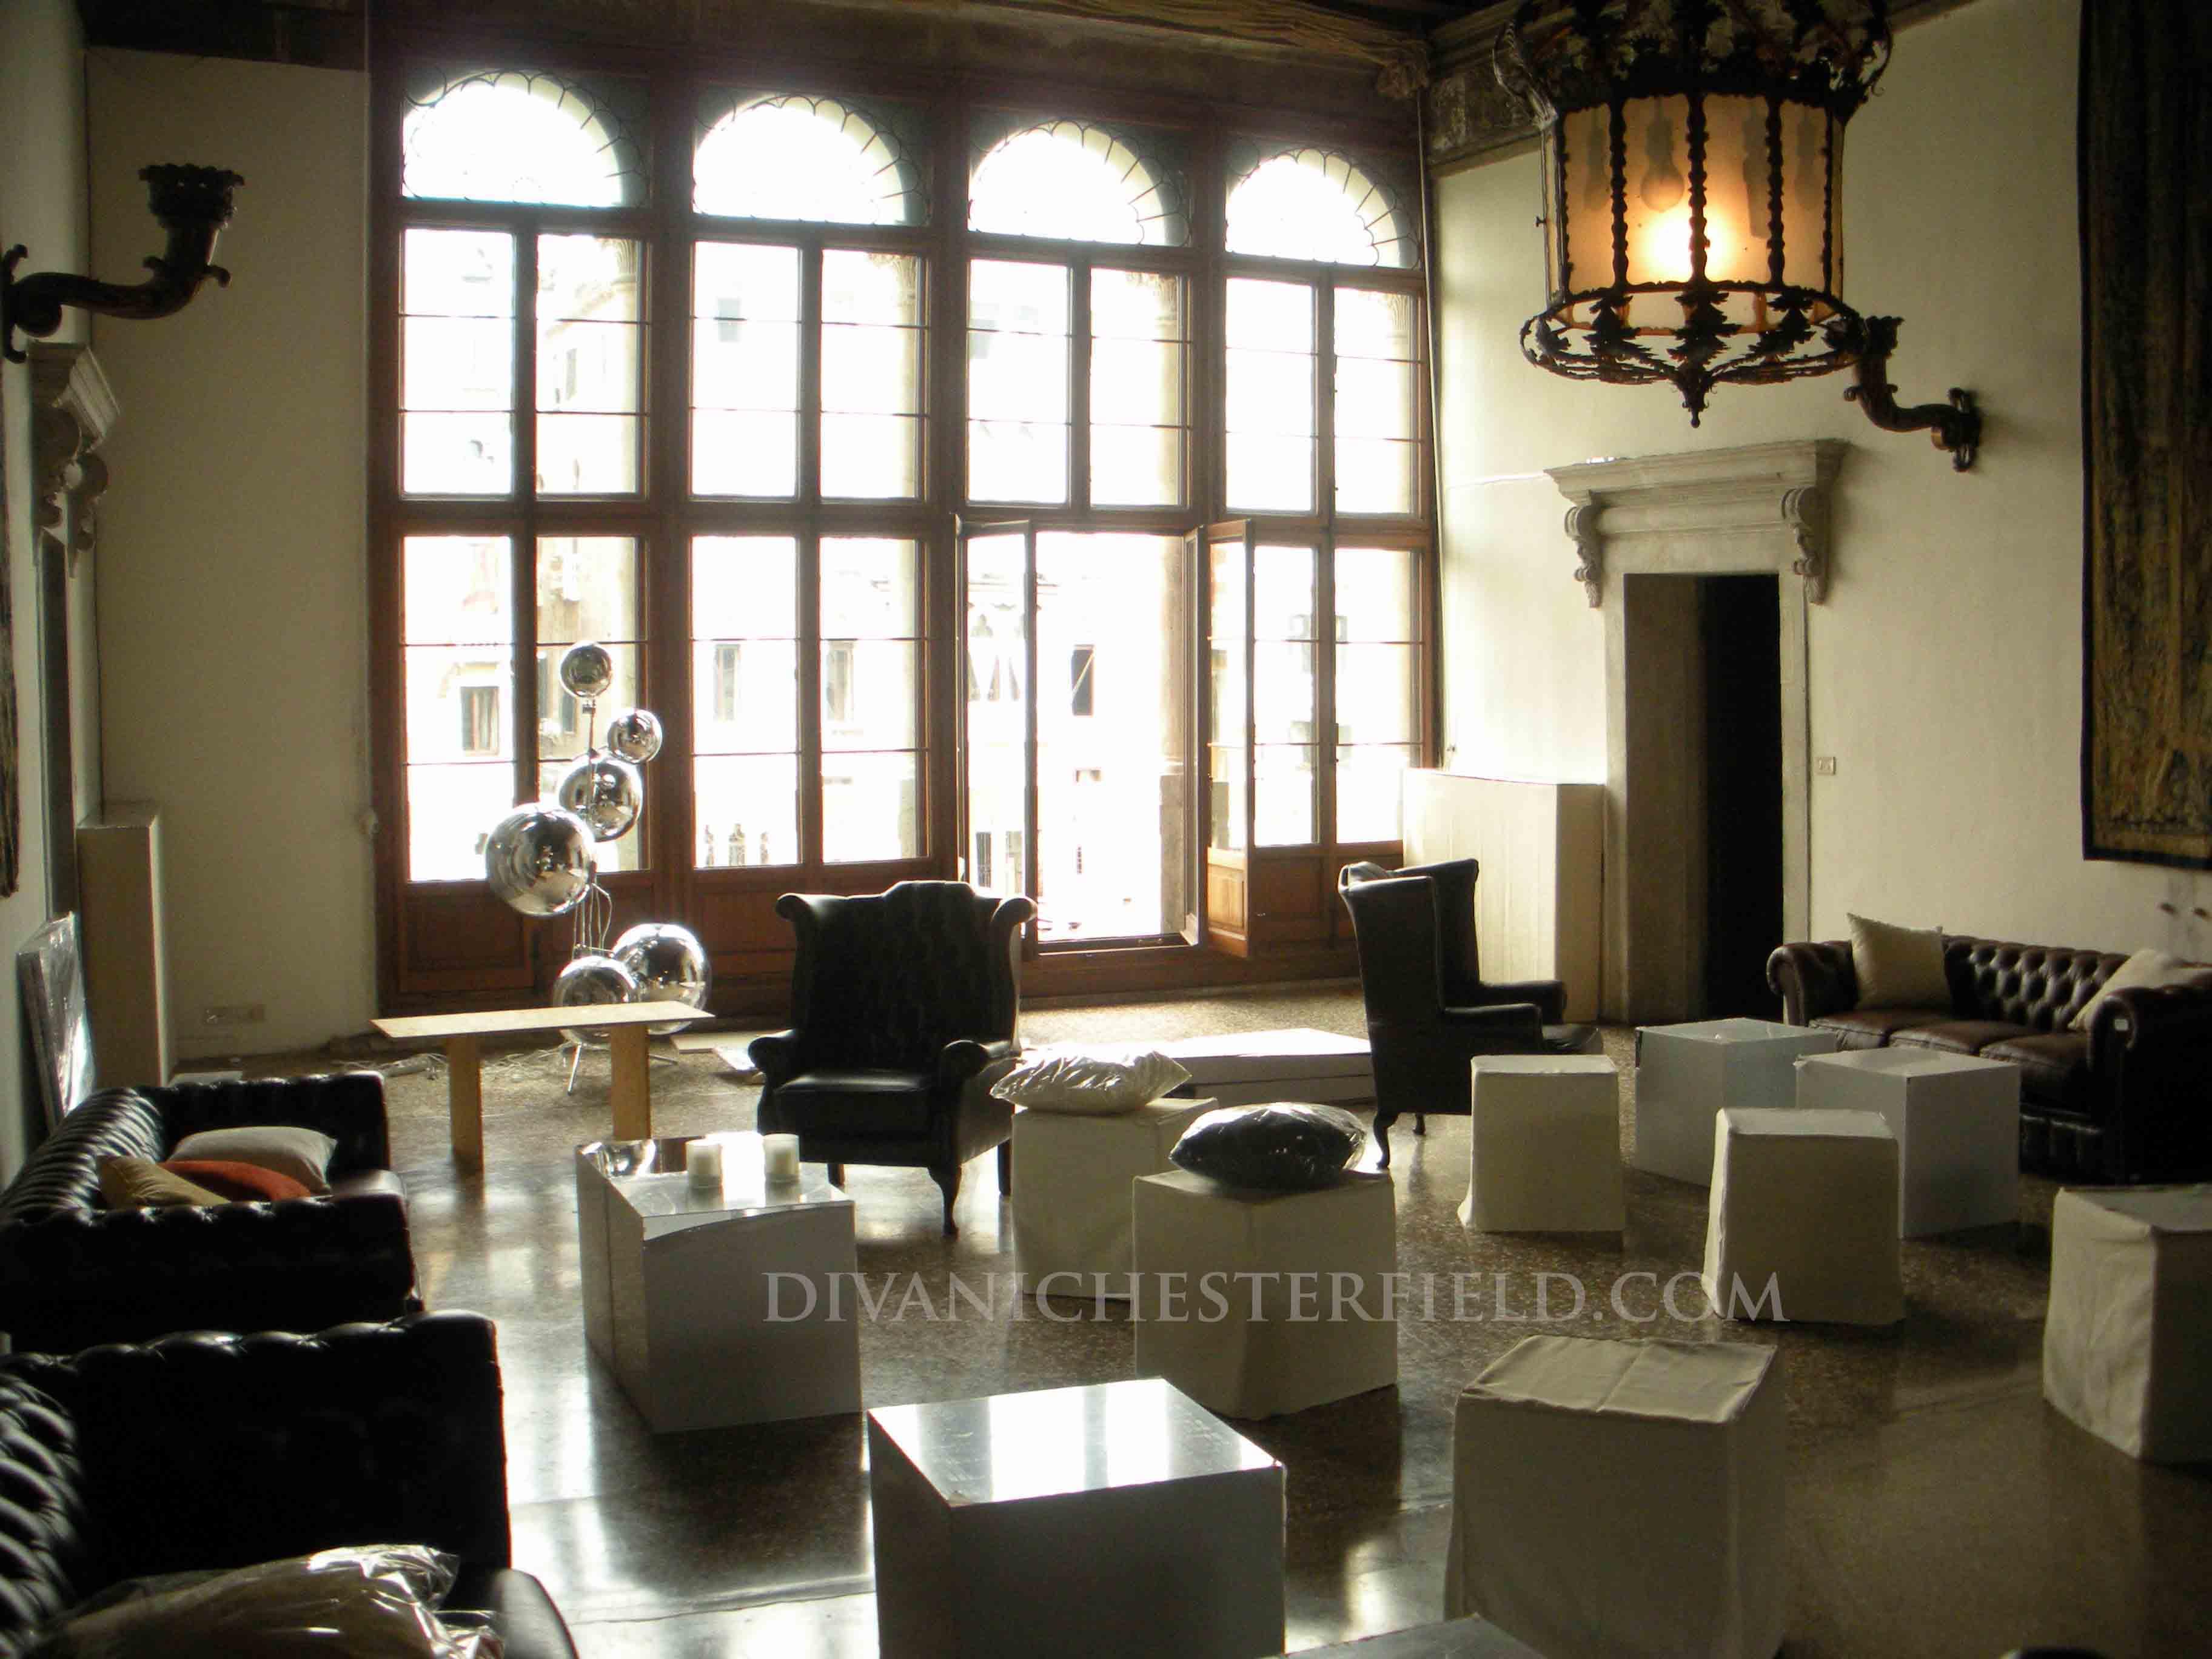 Noleggio divani chesterfield affitto poltrone chester in pelle per